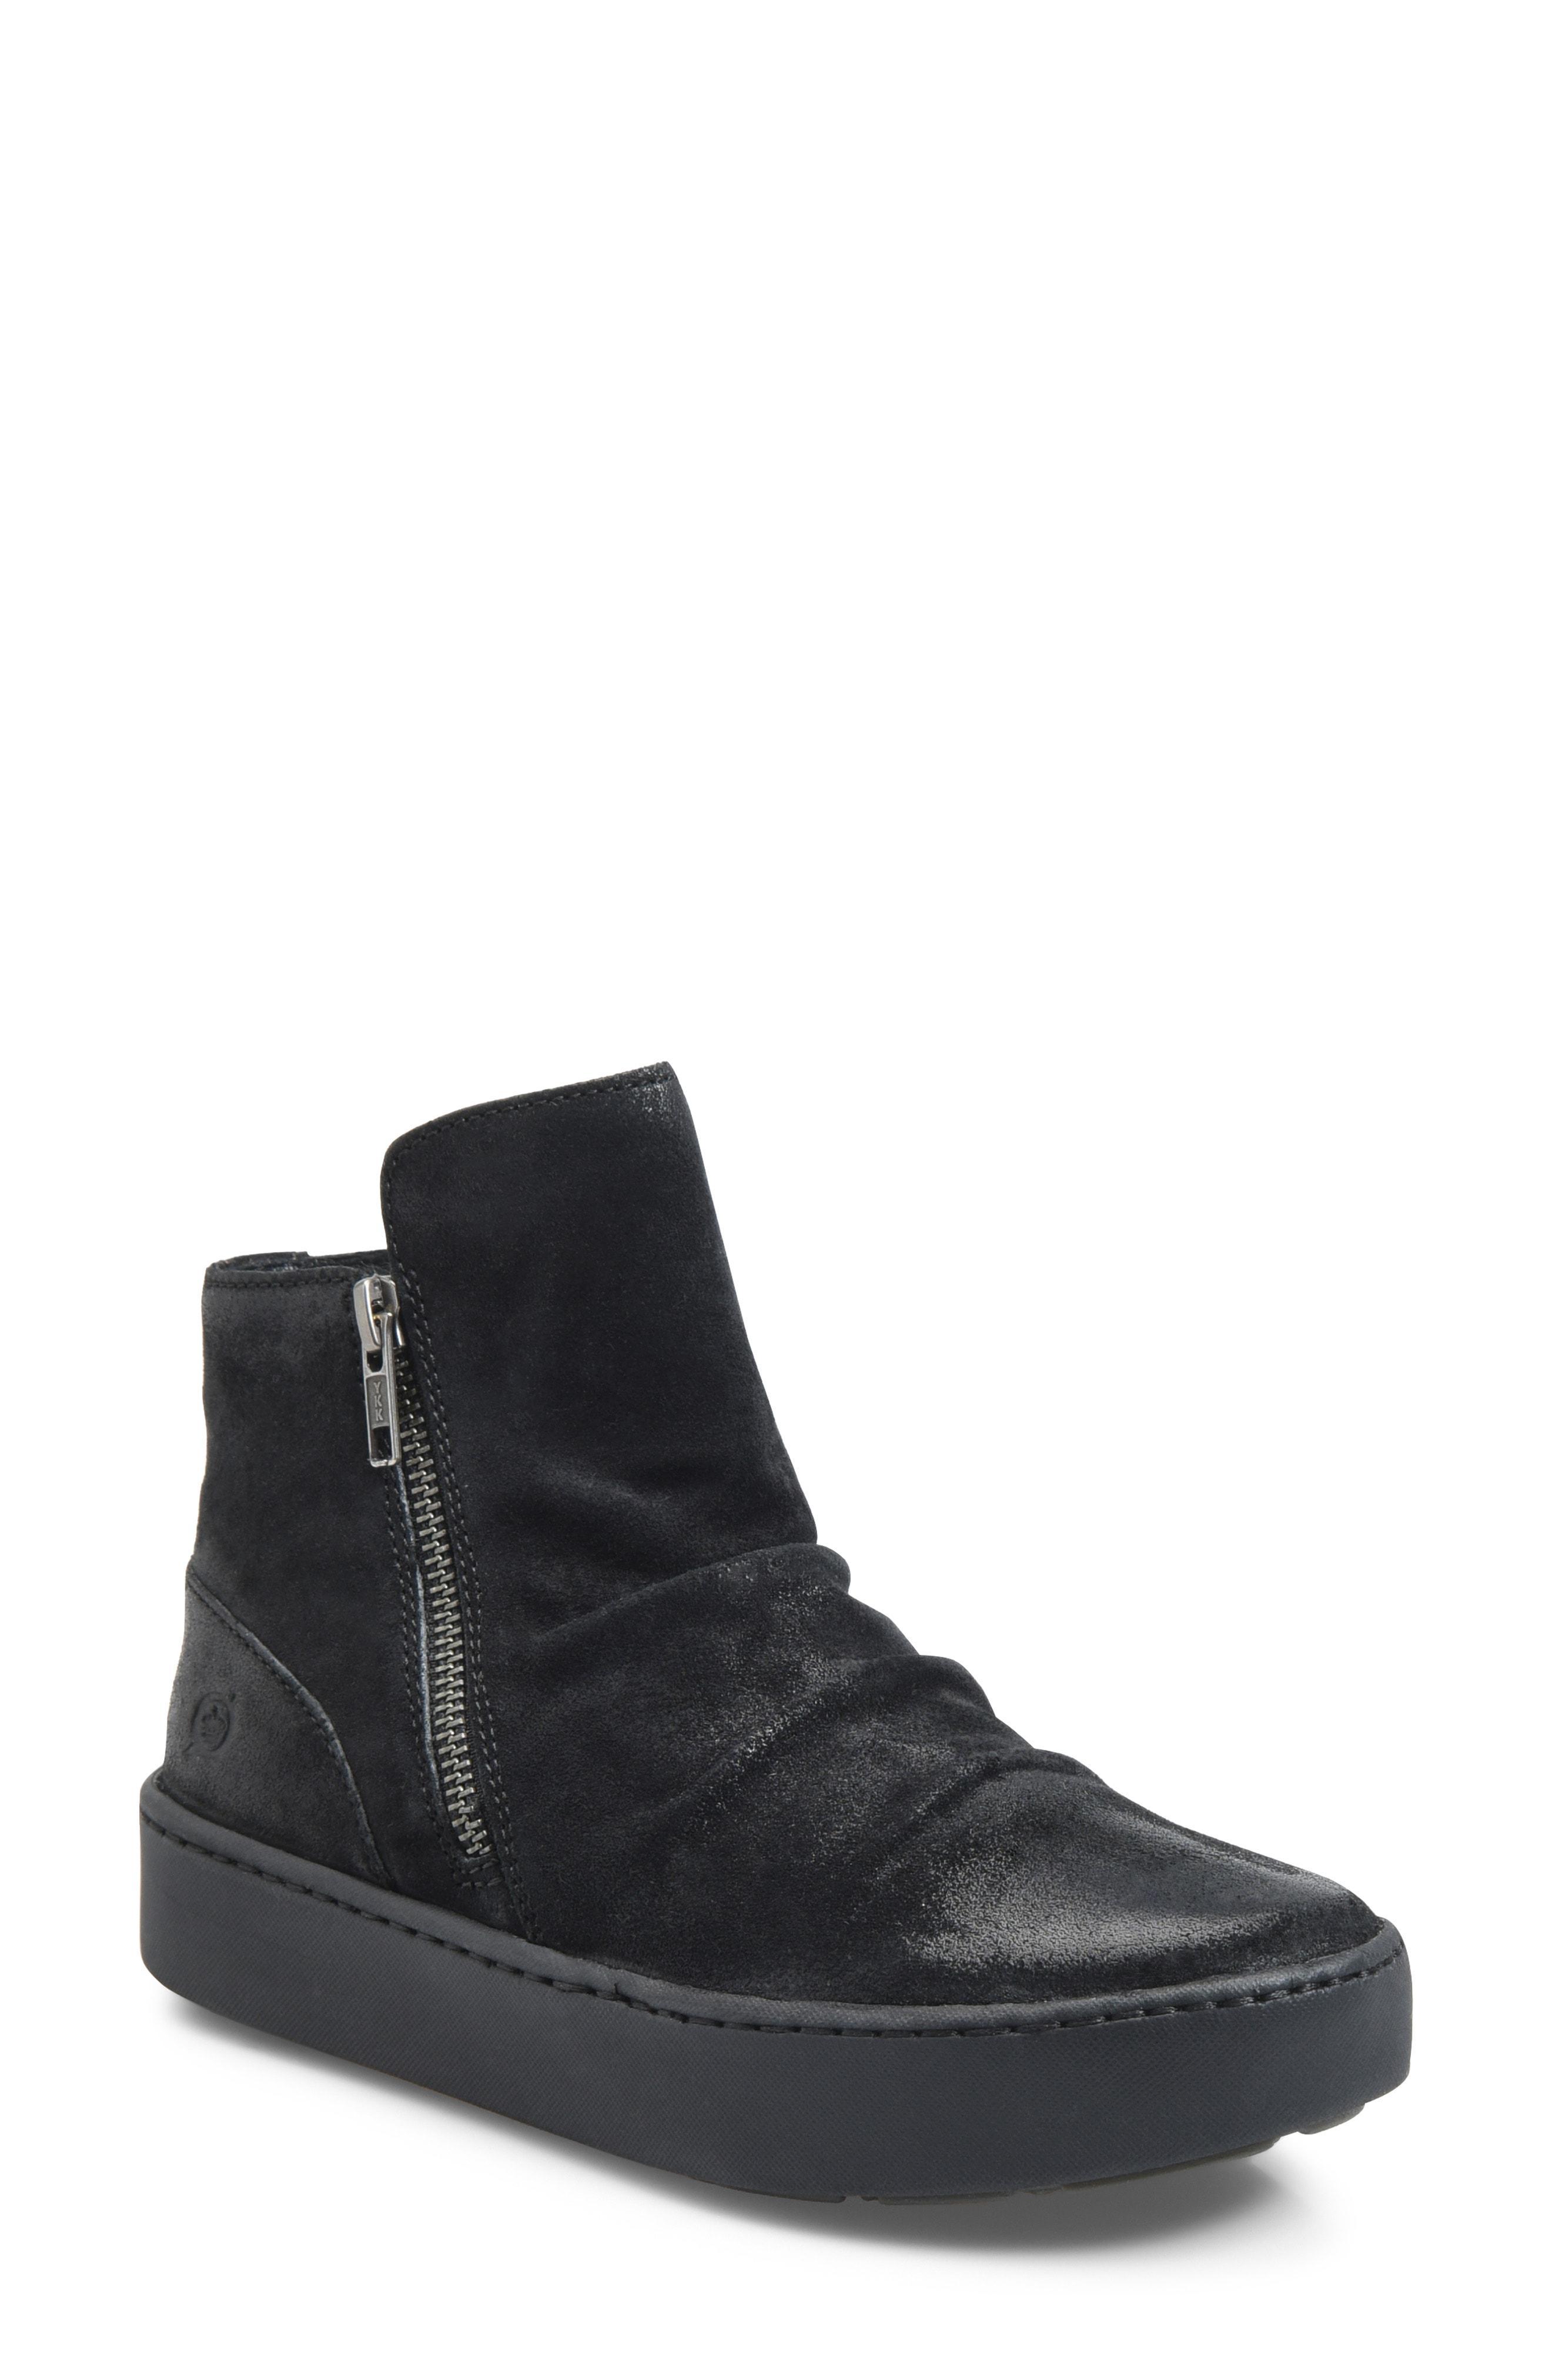 born scone sneaker boot